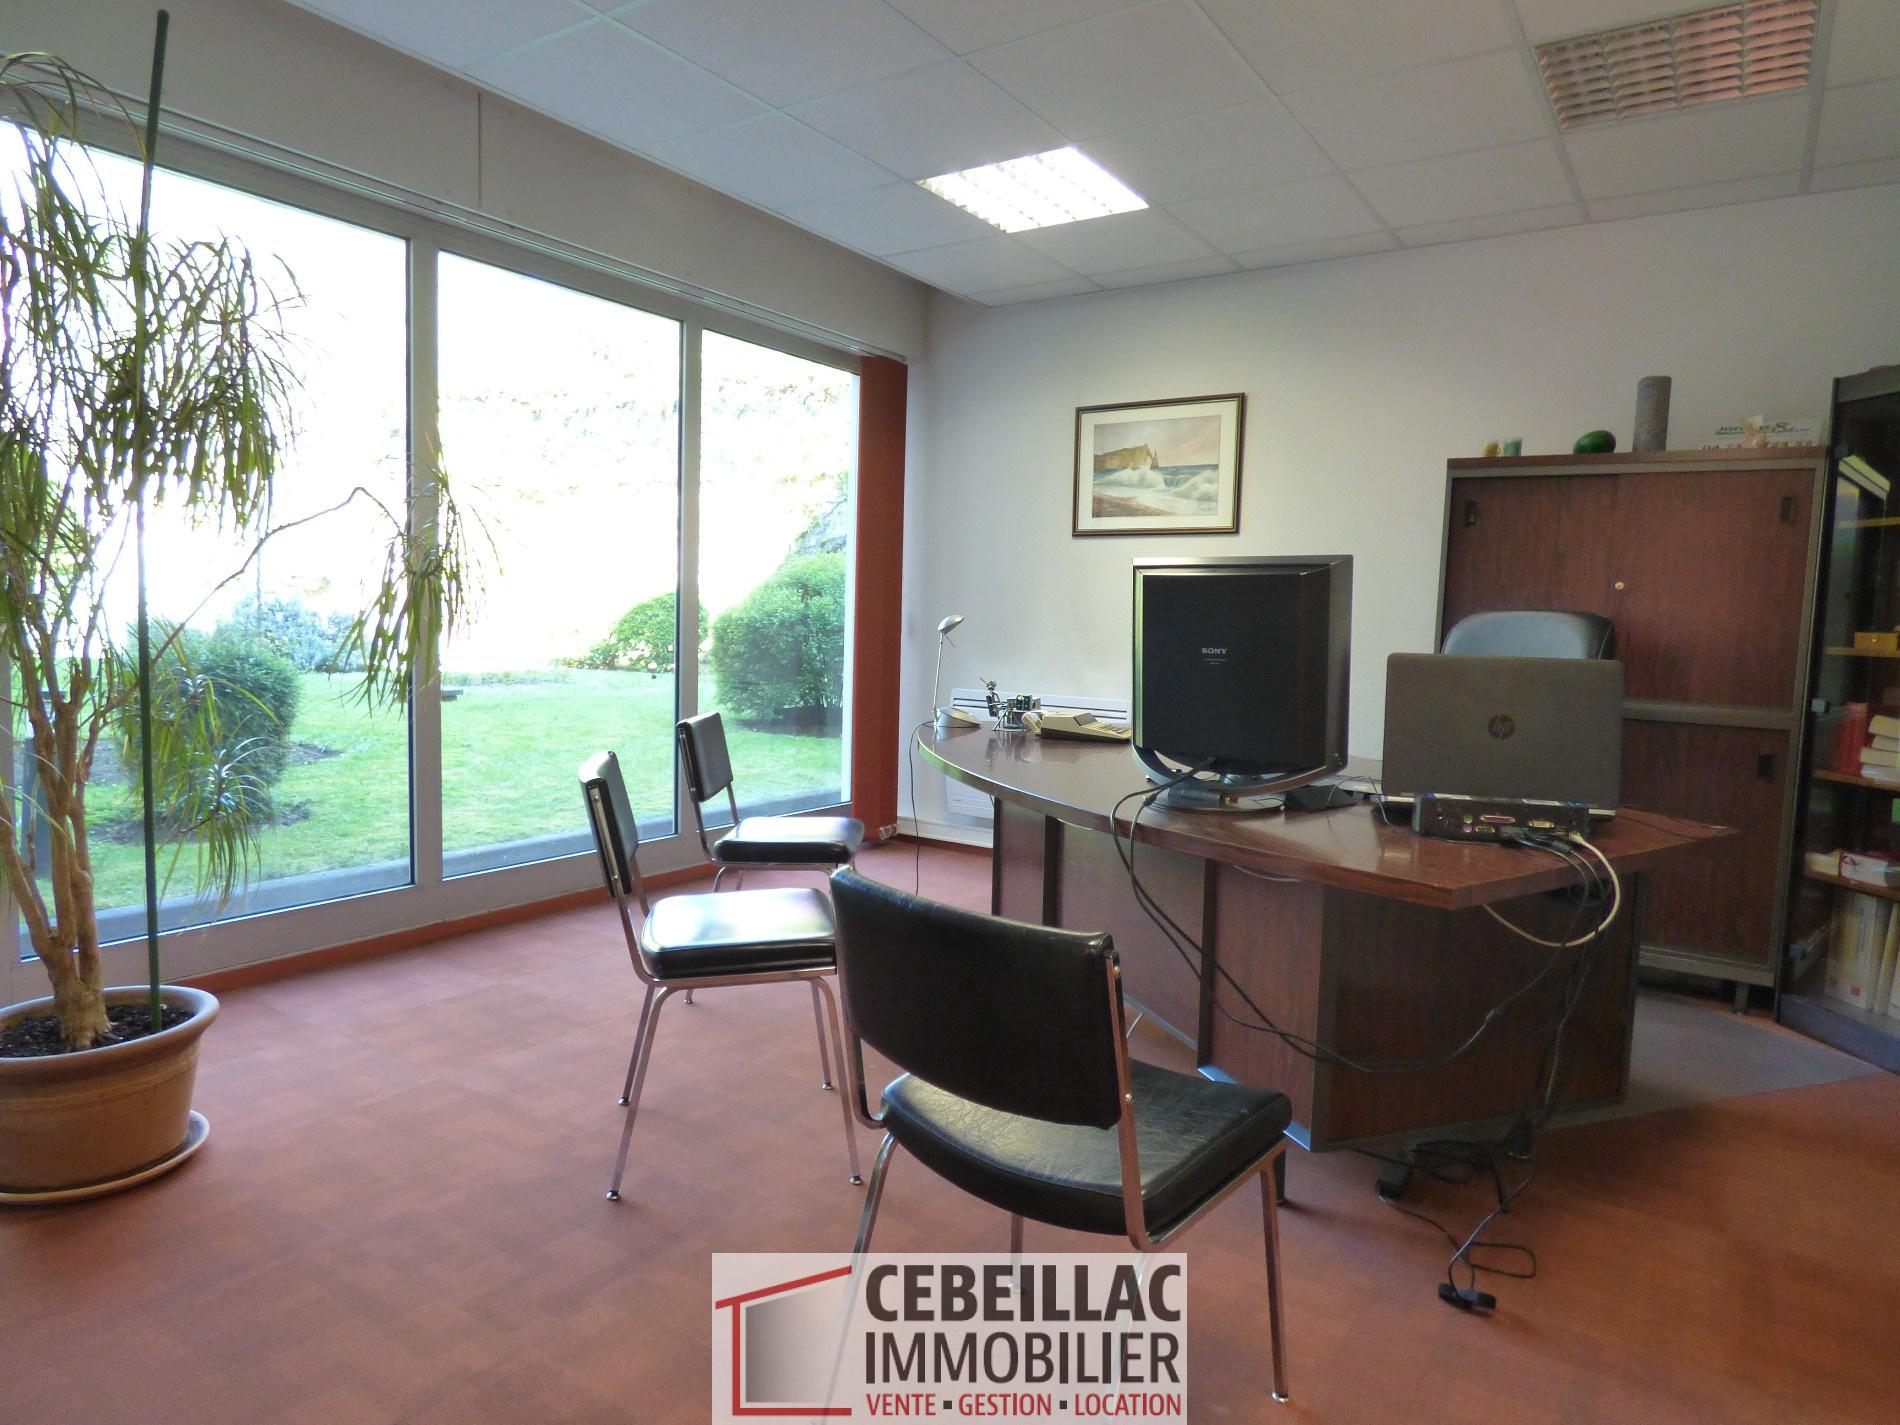 Vente et location commerces cebeillac immobilier - Chambre du commerce clermont ferrand ...